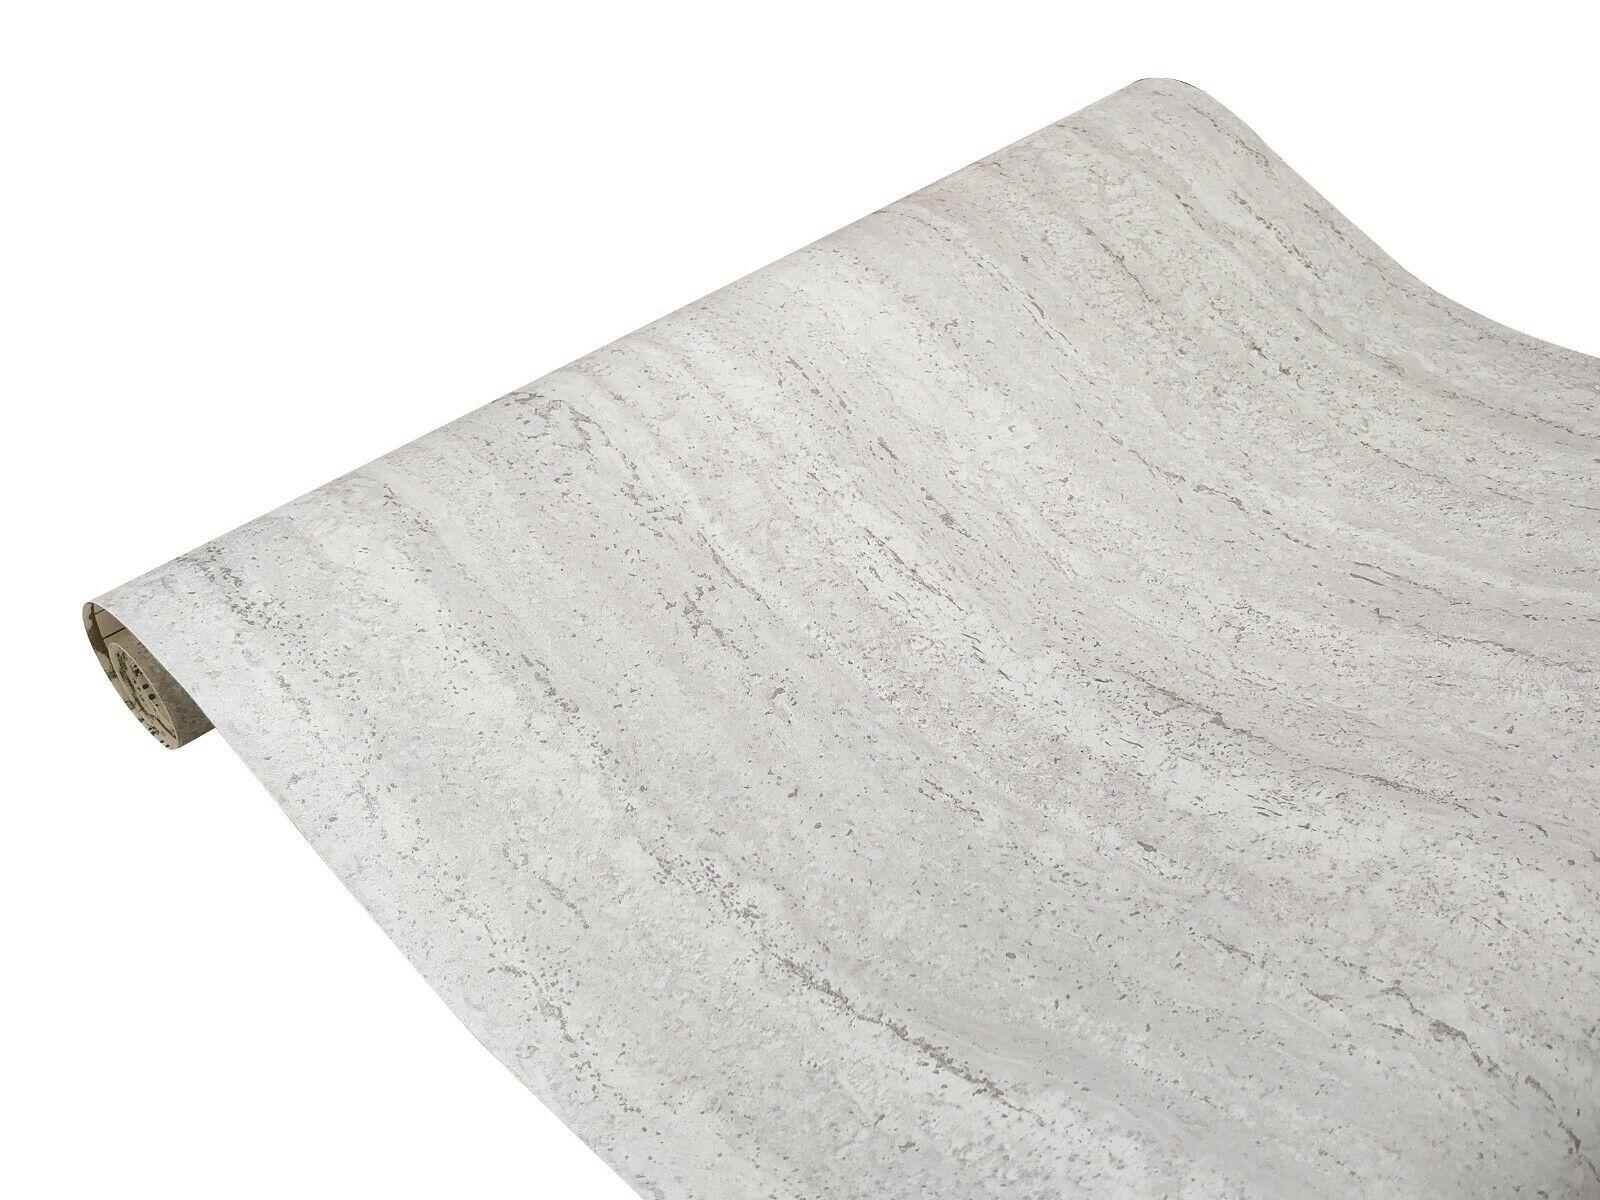 Klebefolie   m² Gekkofix TraGrünin Grau Möbel Selbstklebefolie Marmor Tapete